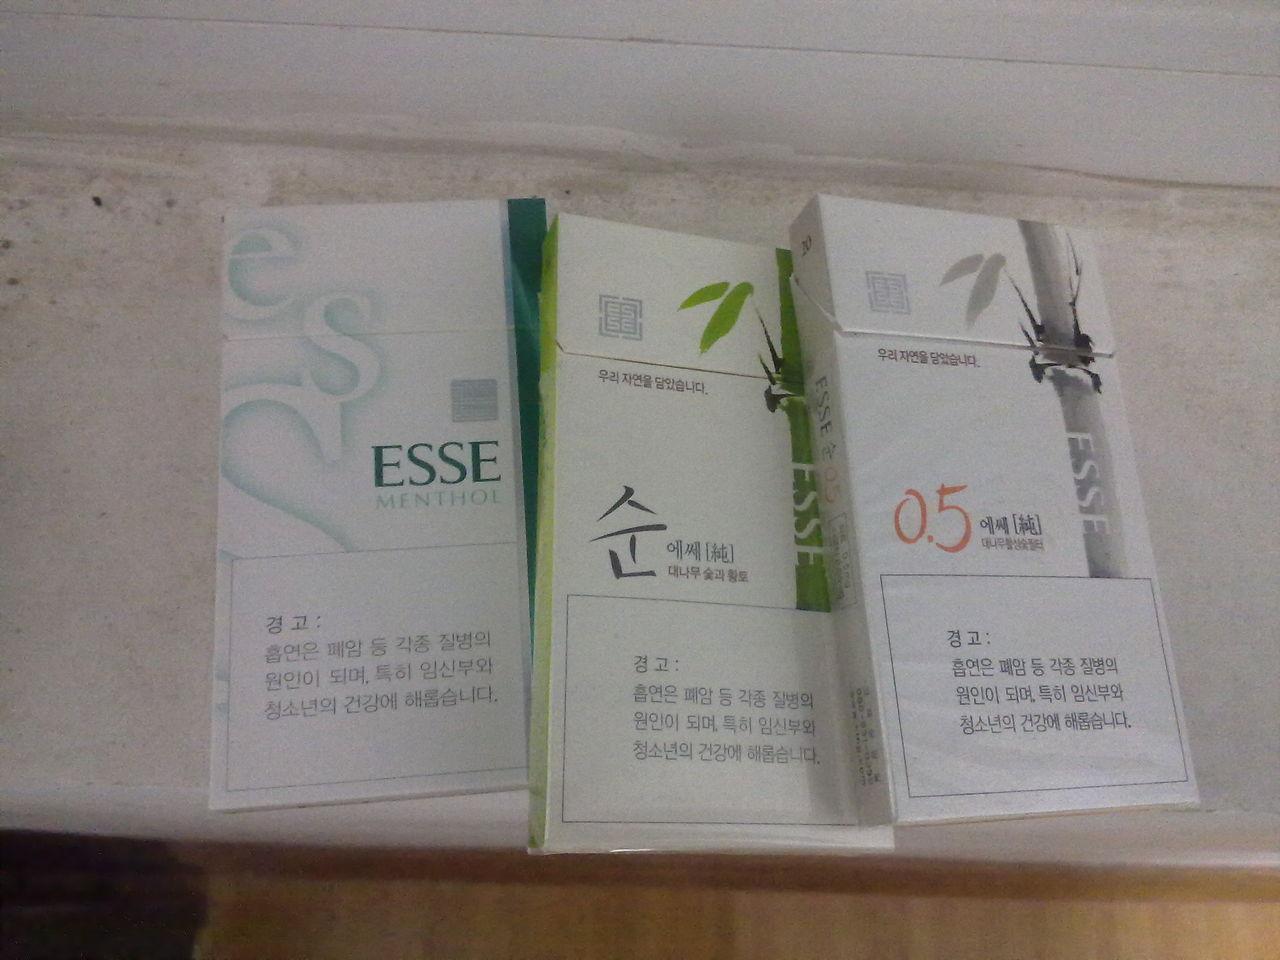 esse香烟_上班族该不该躲在厕所里抽烟呢; 右爱喜推出新款香烟; 韩国爱喜esse